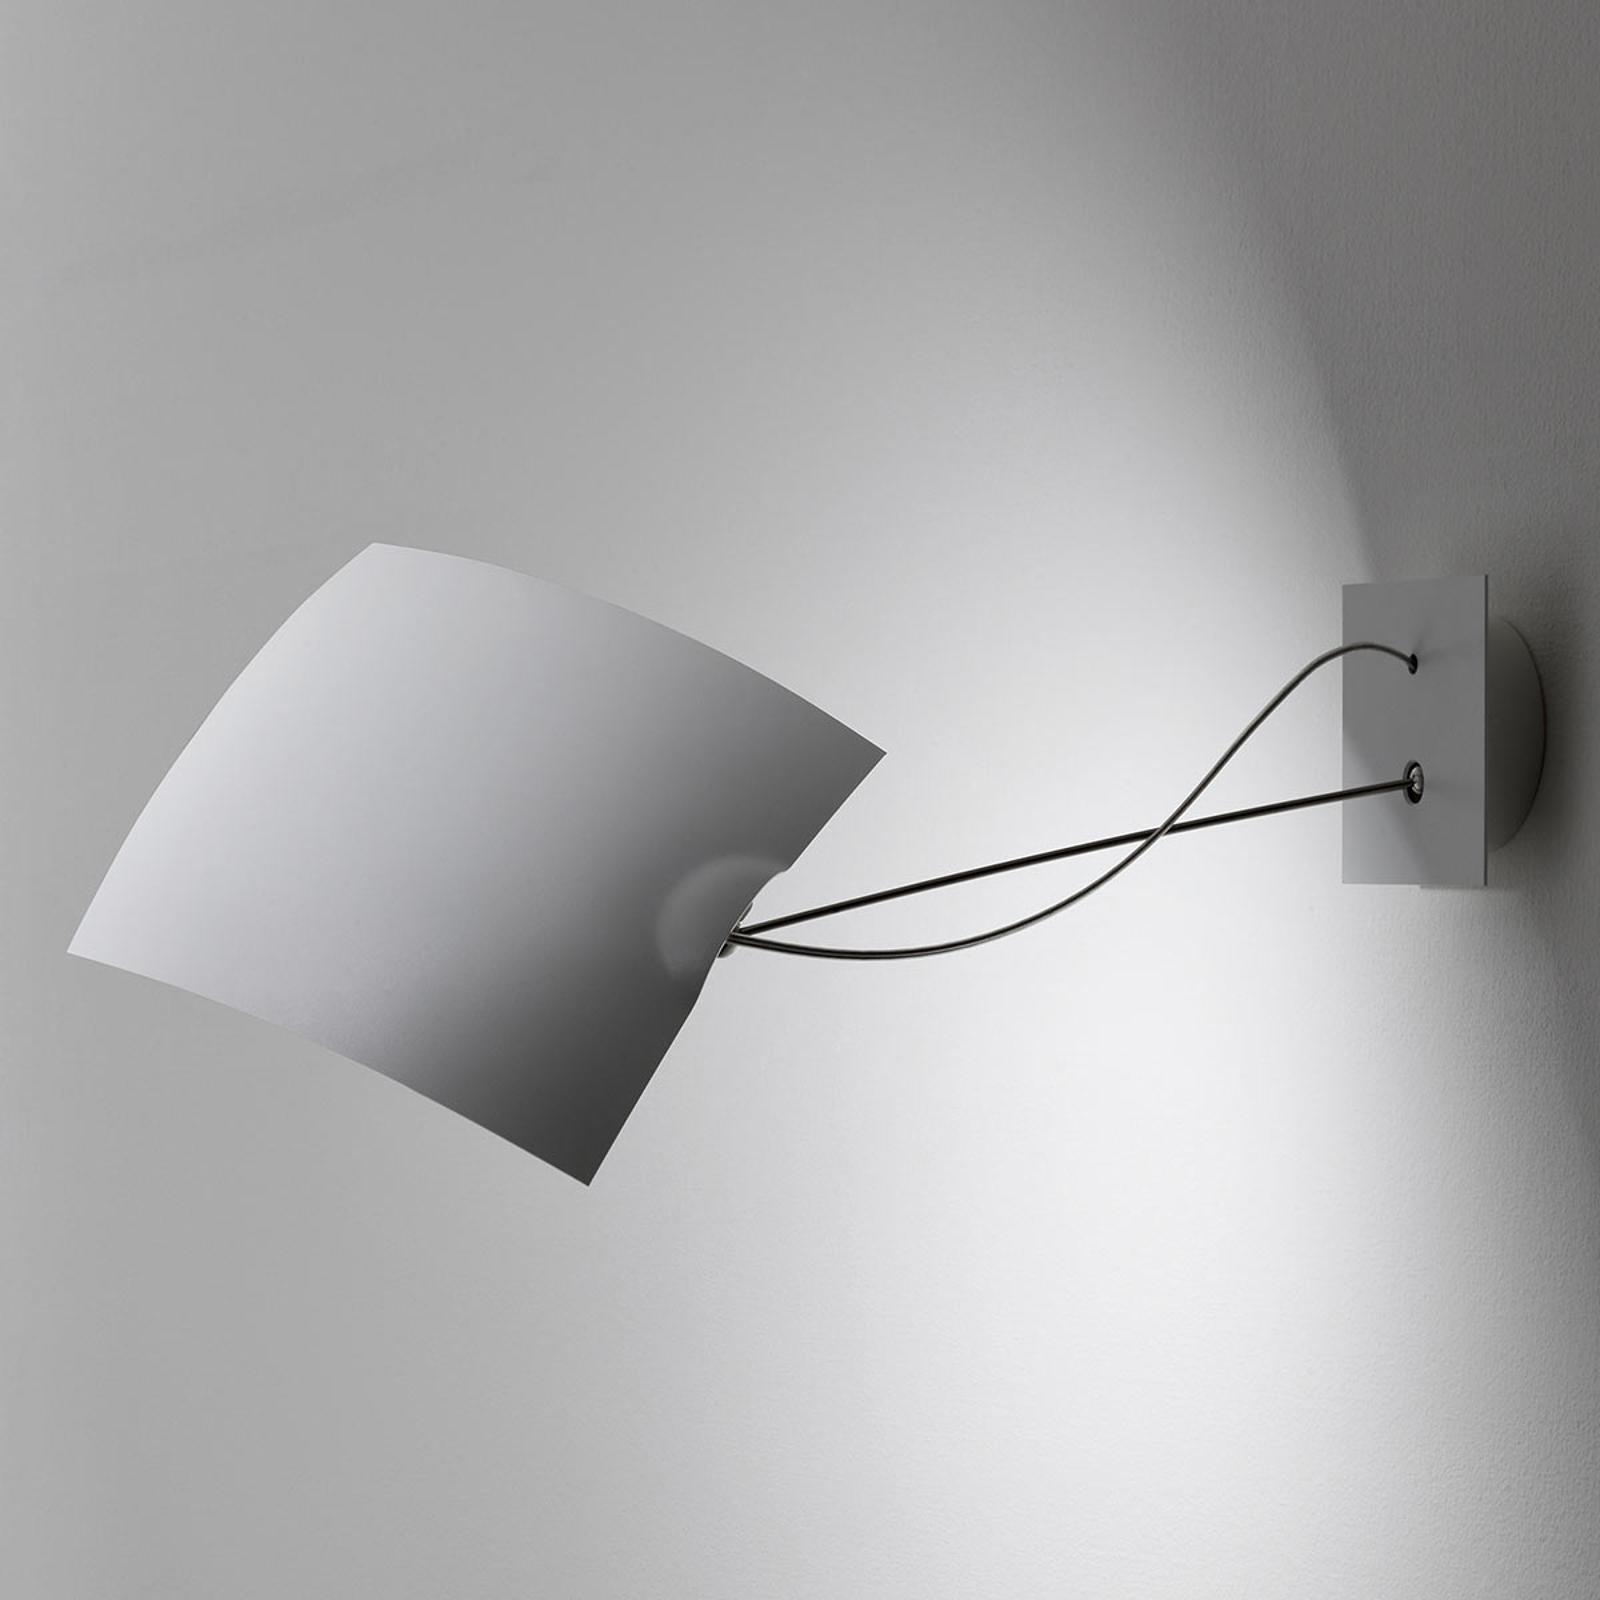 Produktové foto Ingo Maurer Ingo Maurer nástěnné LED světlo 18 x 18